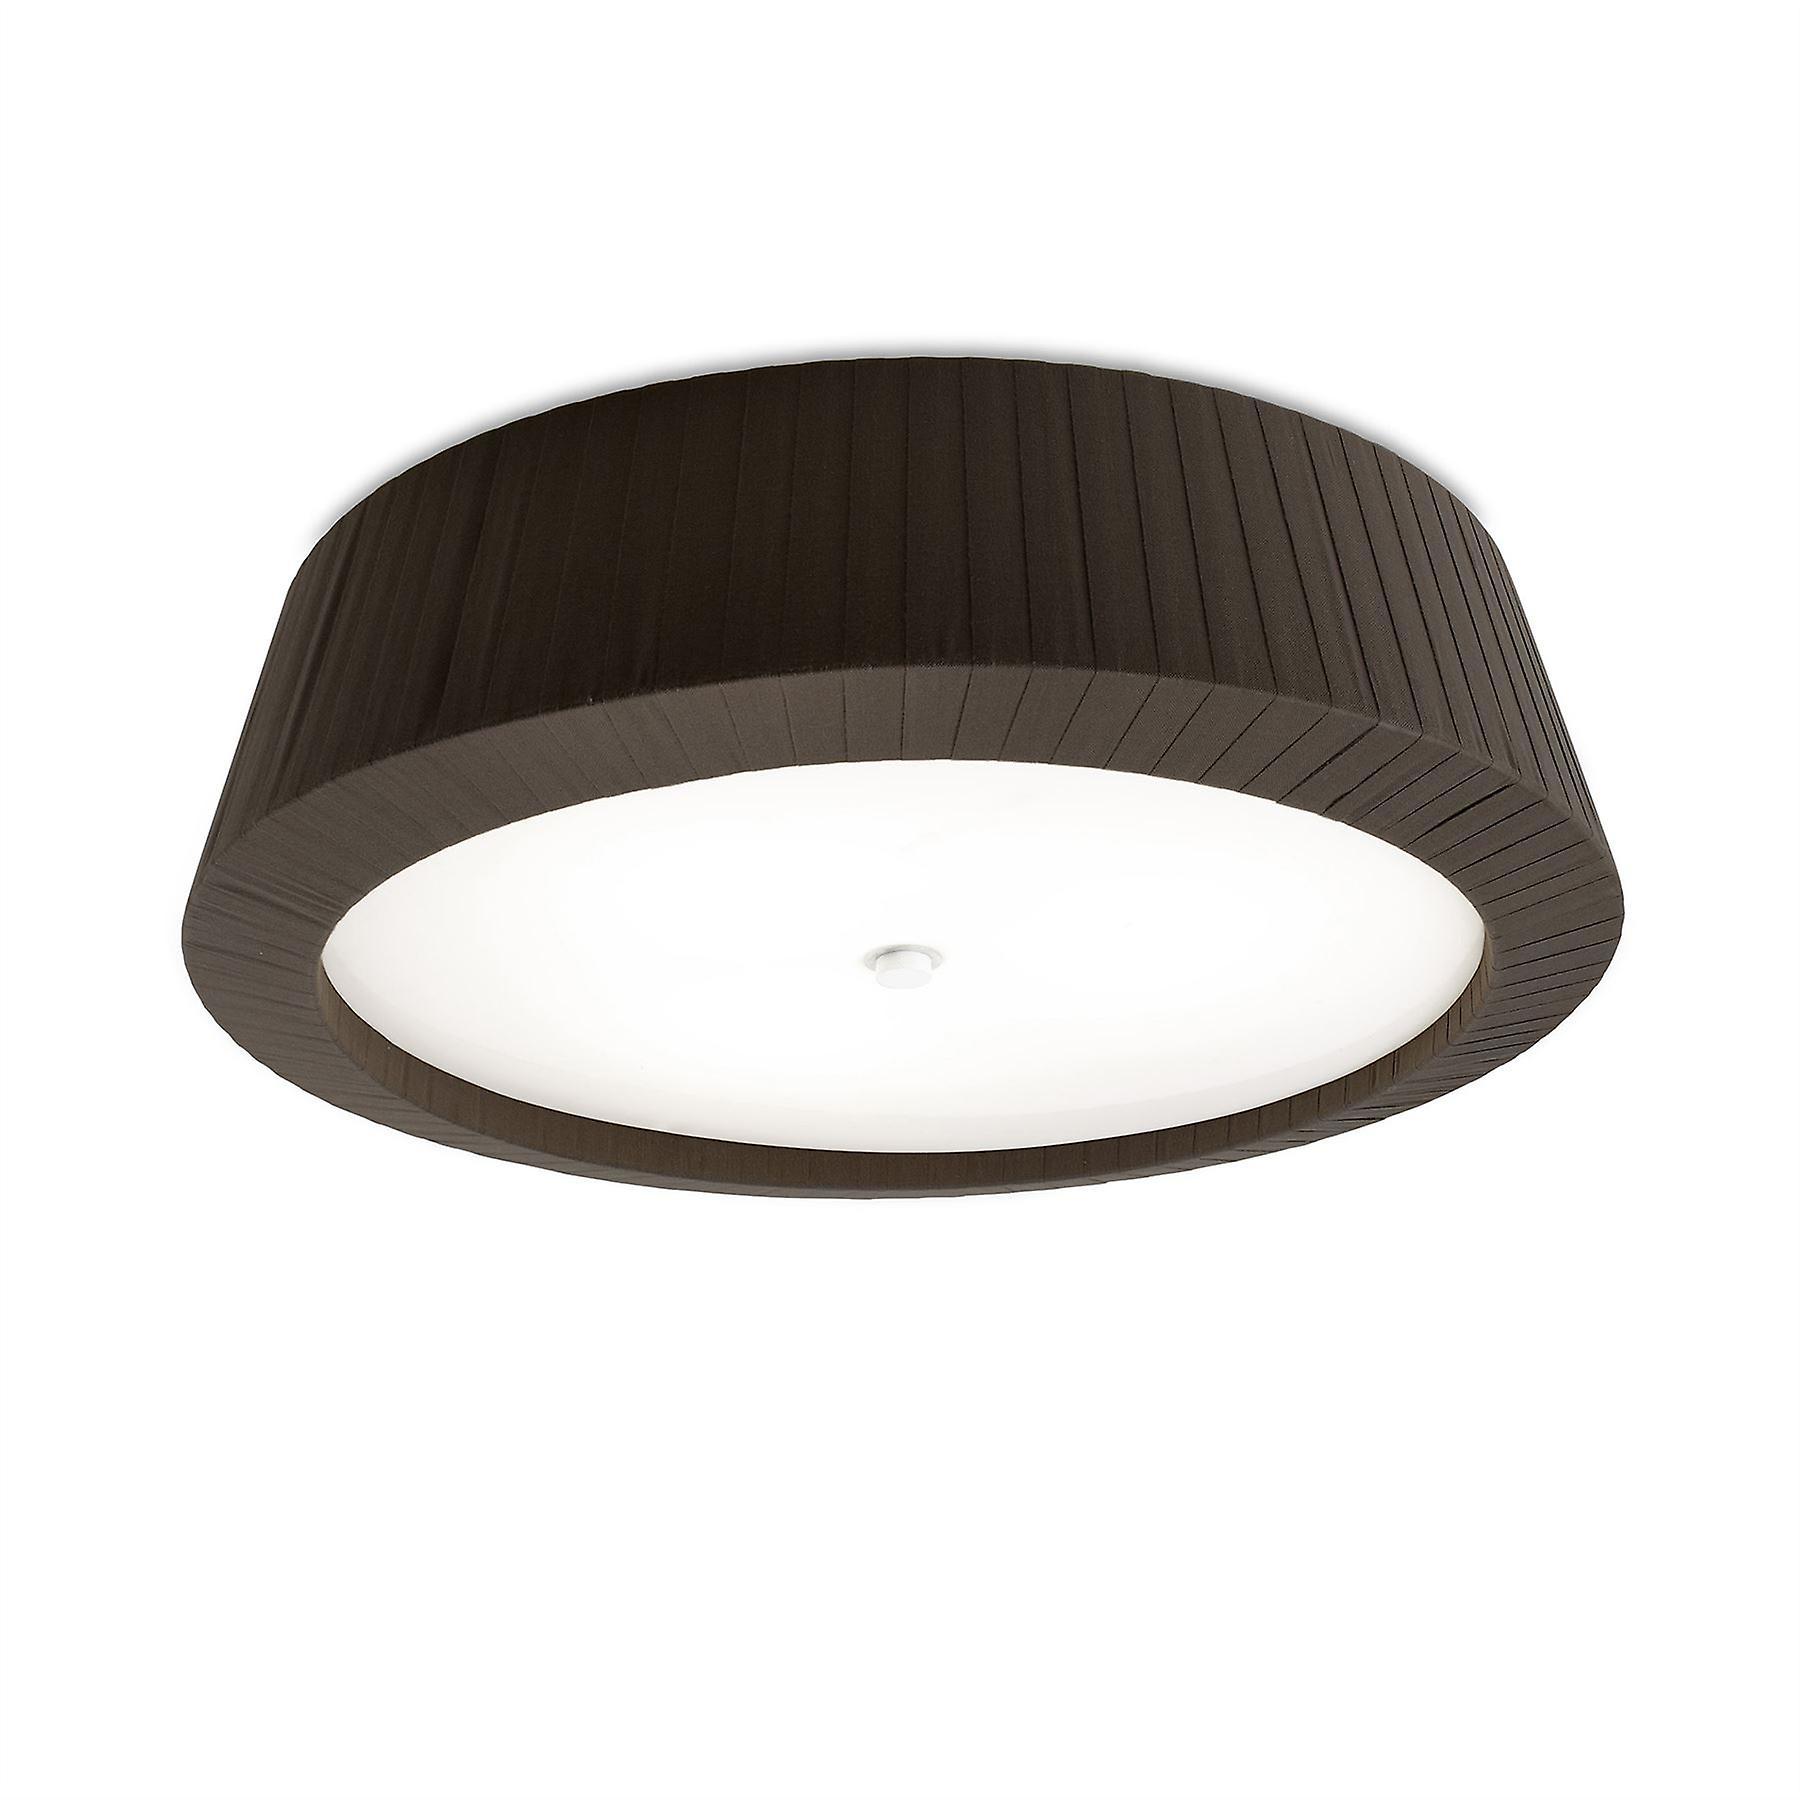 Florencia Flush Ceiling Light Large marron - Leds-C4 15-4696-J6-M1